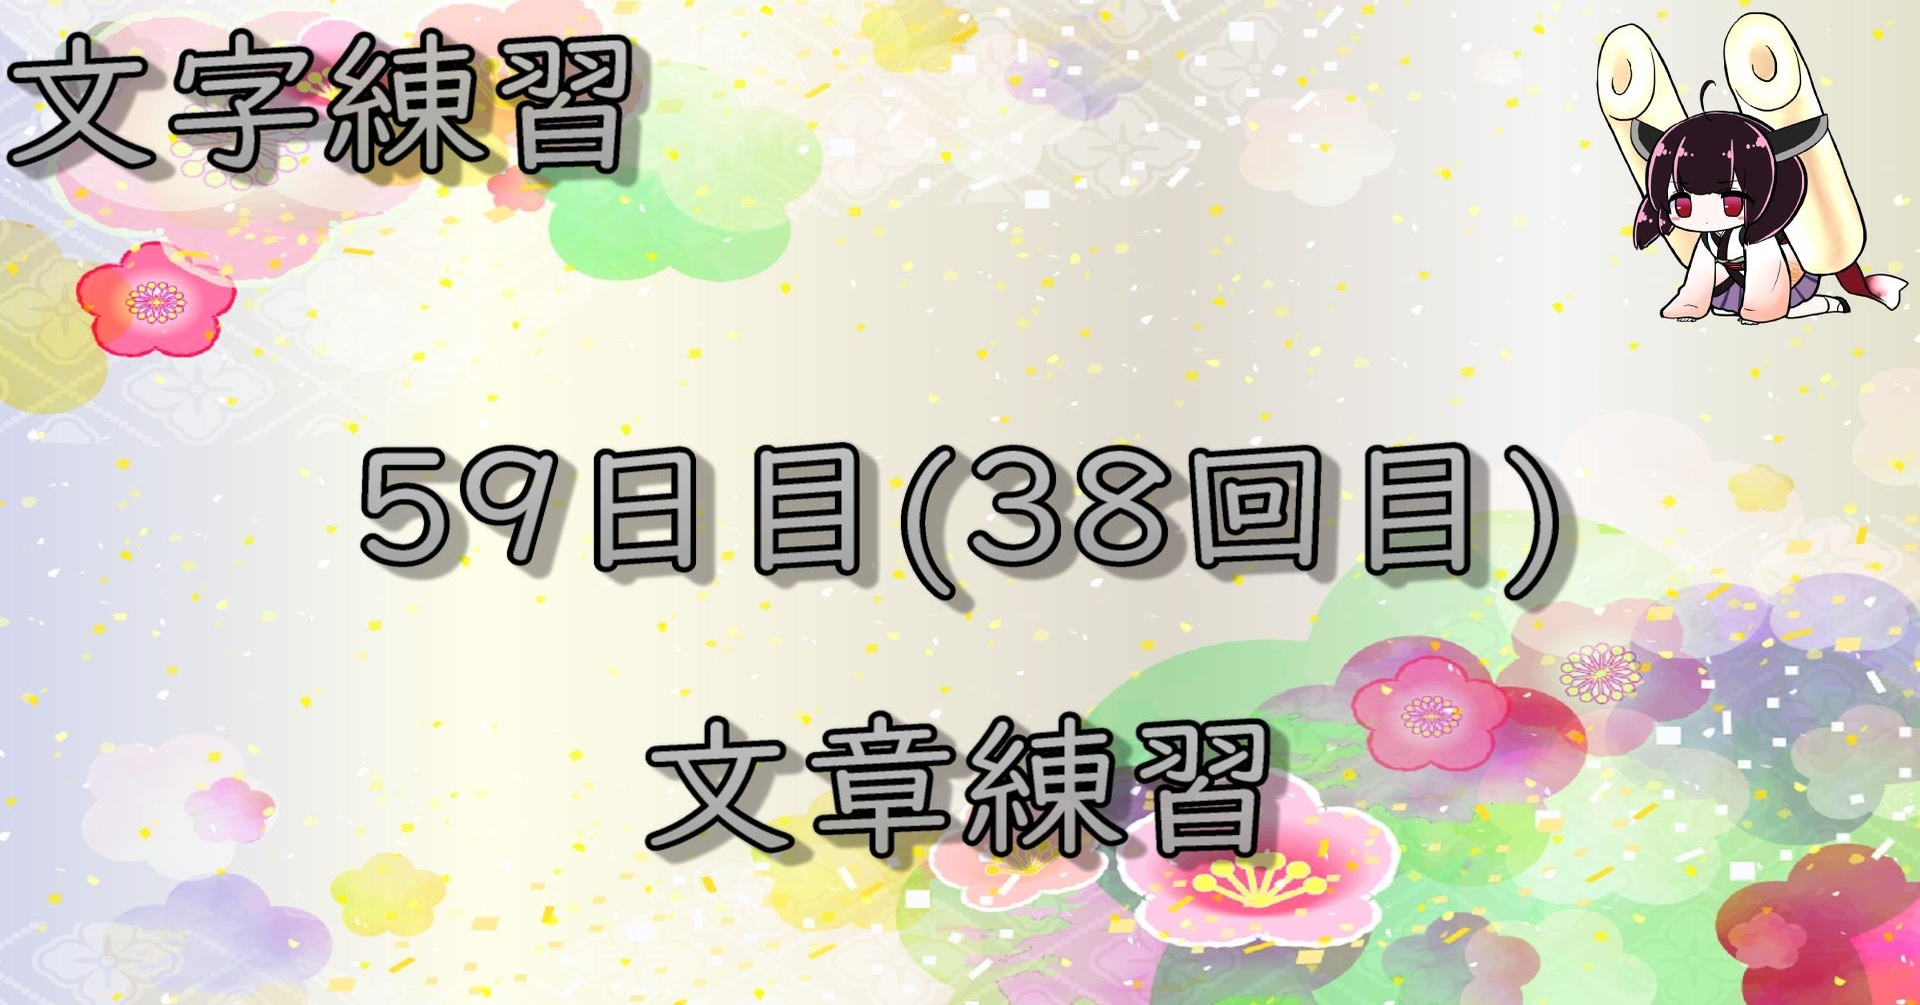 文字練習59日目(38回目)